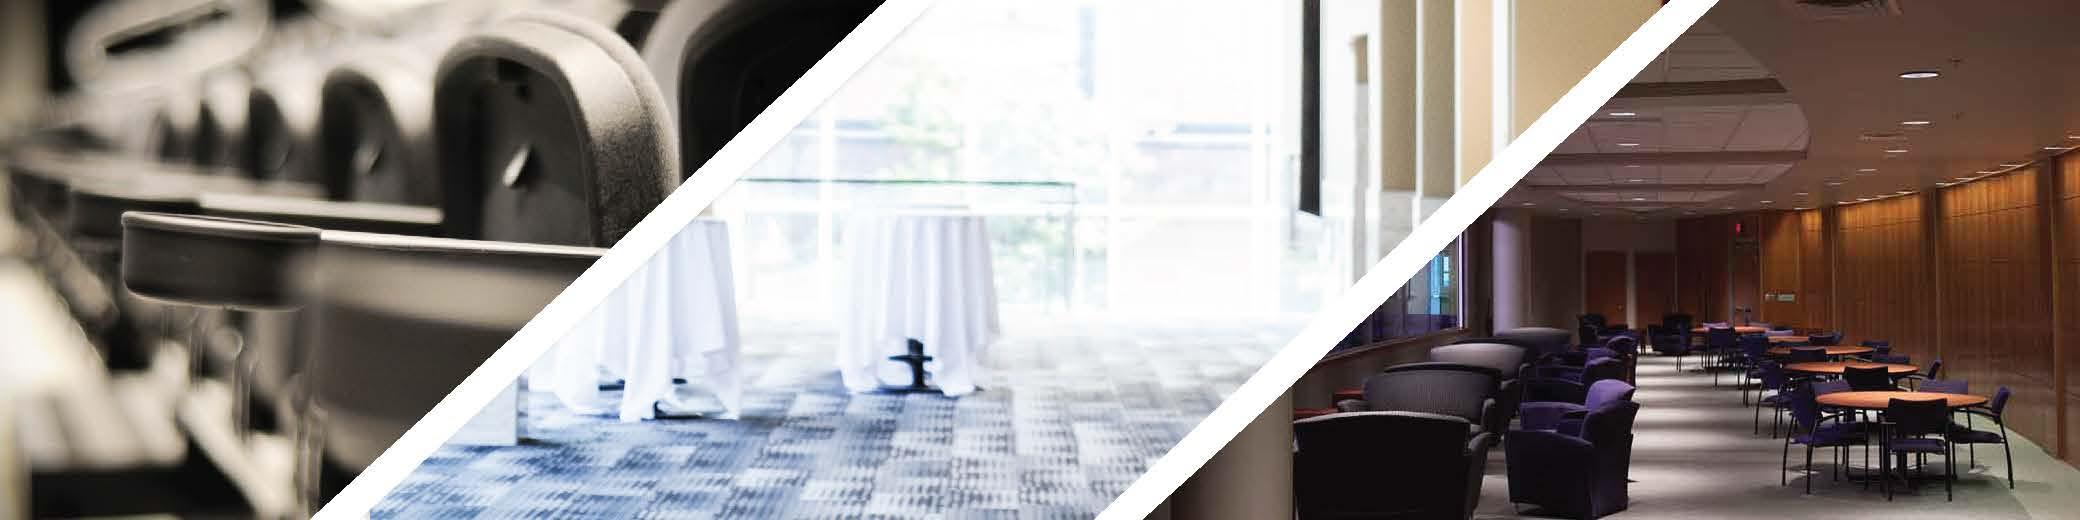 event venue design blog graphic